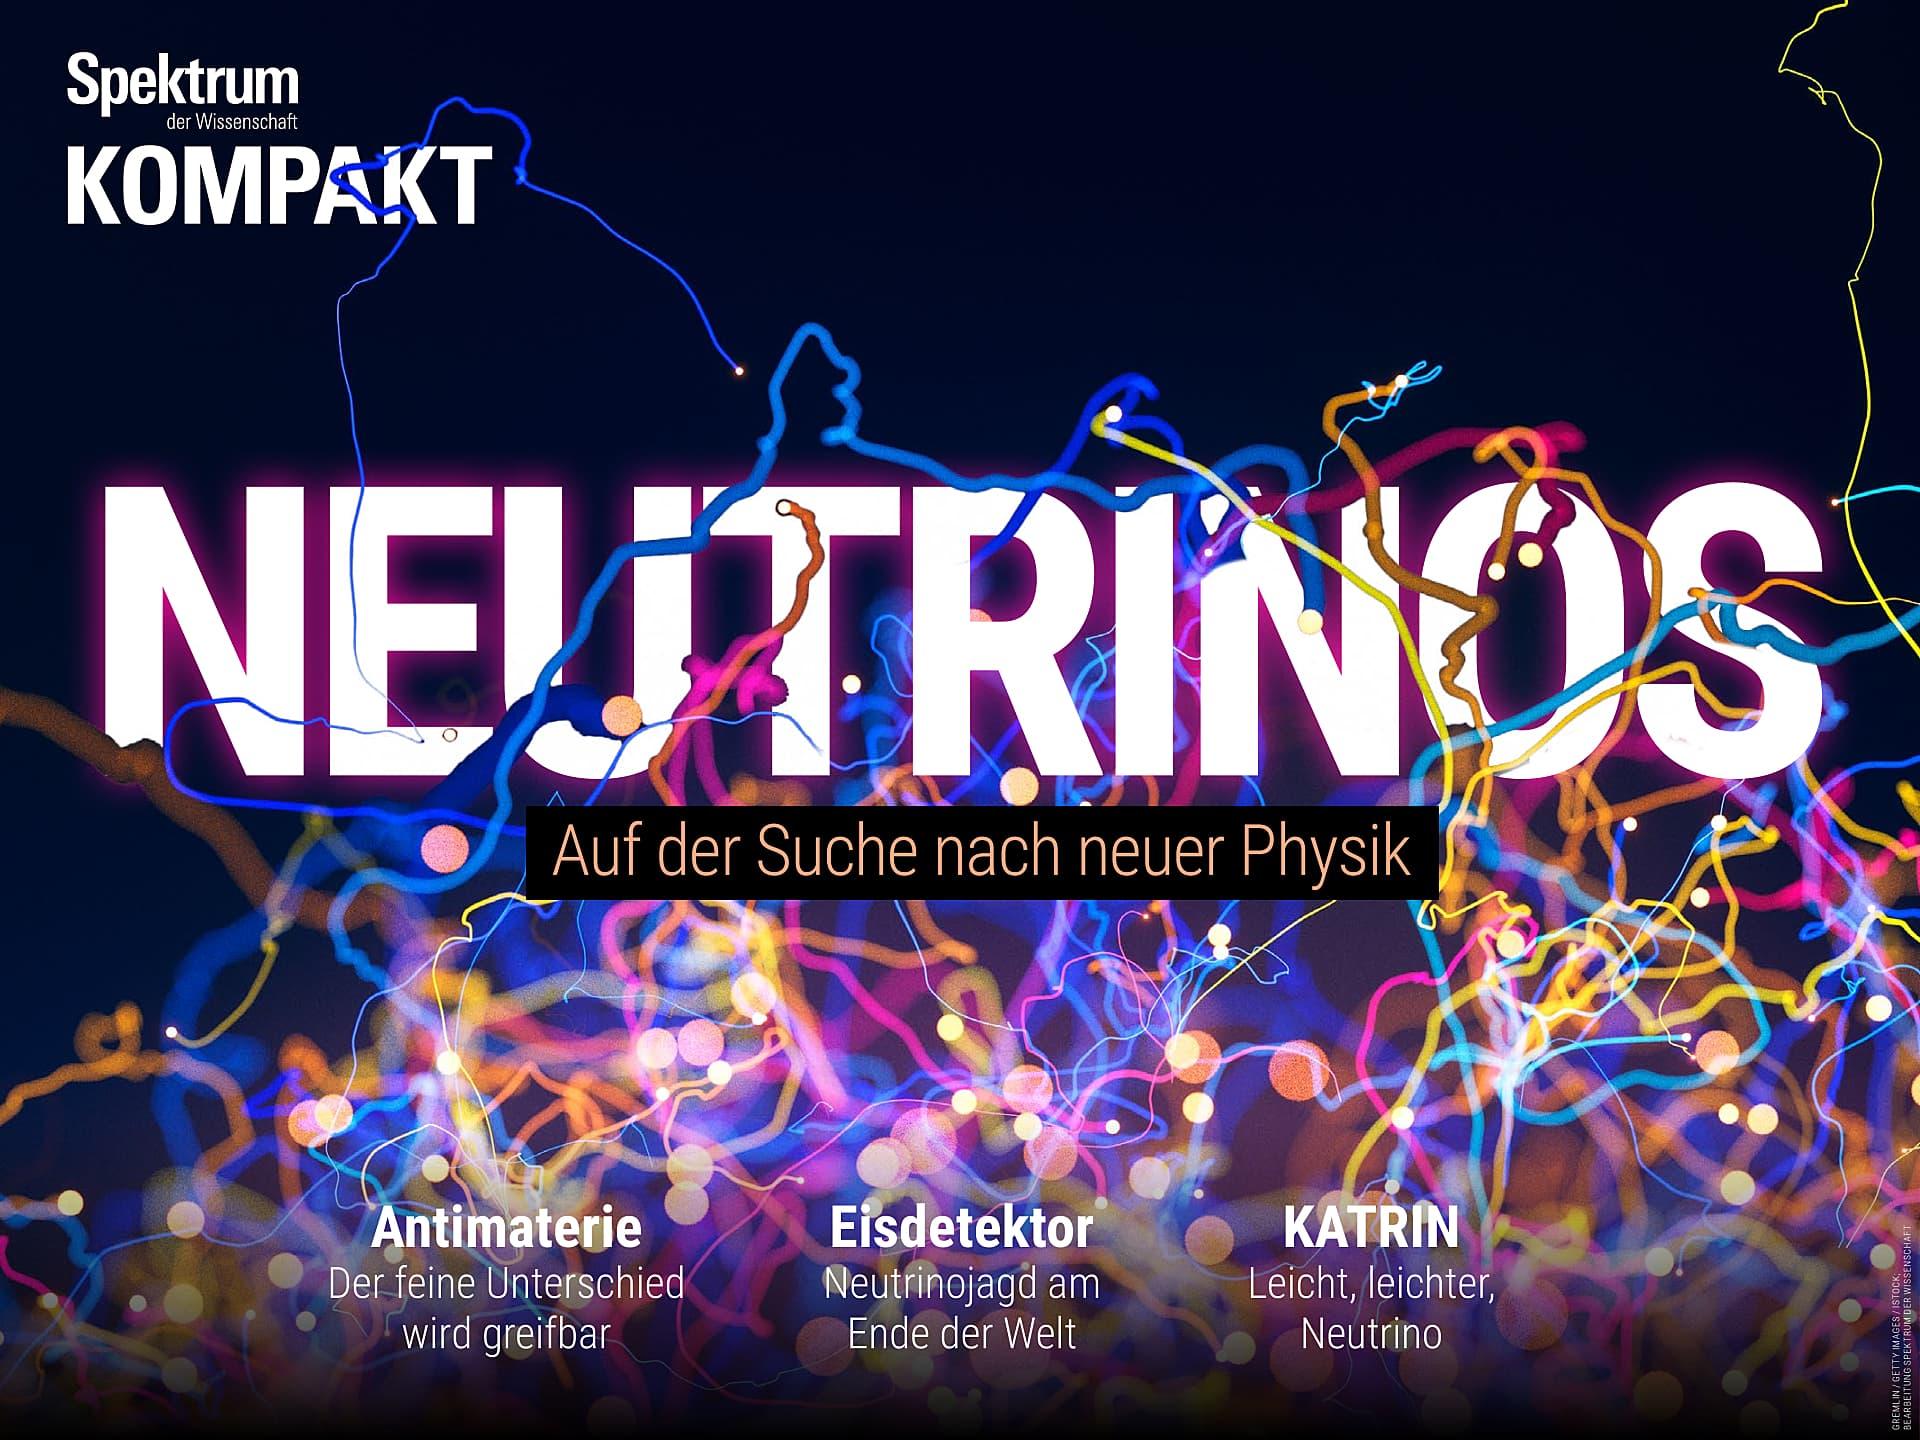 Neutrinos - Auf der Suche nach neuer Physik